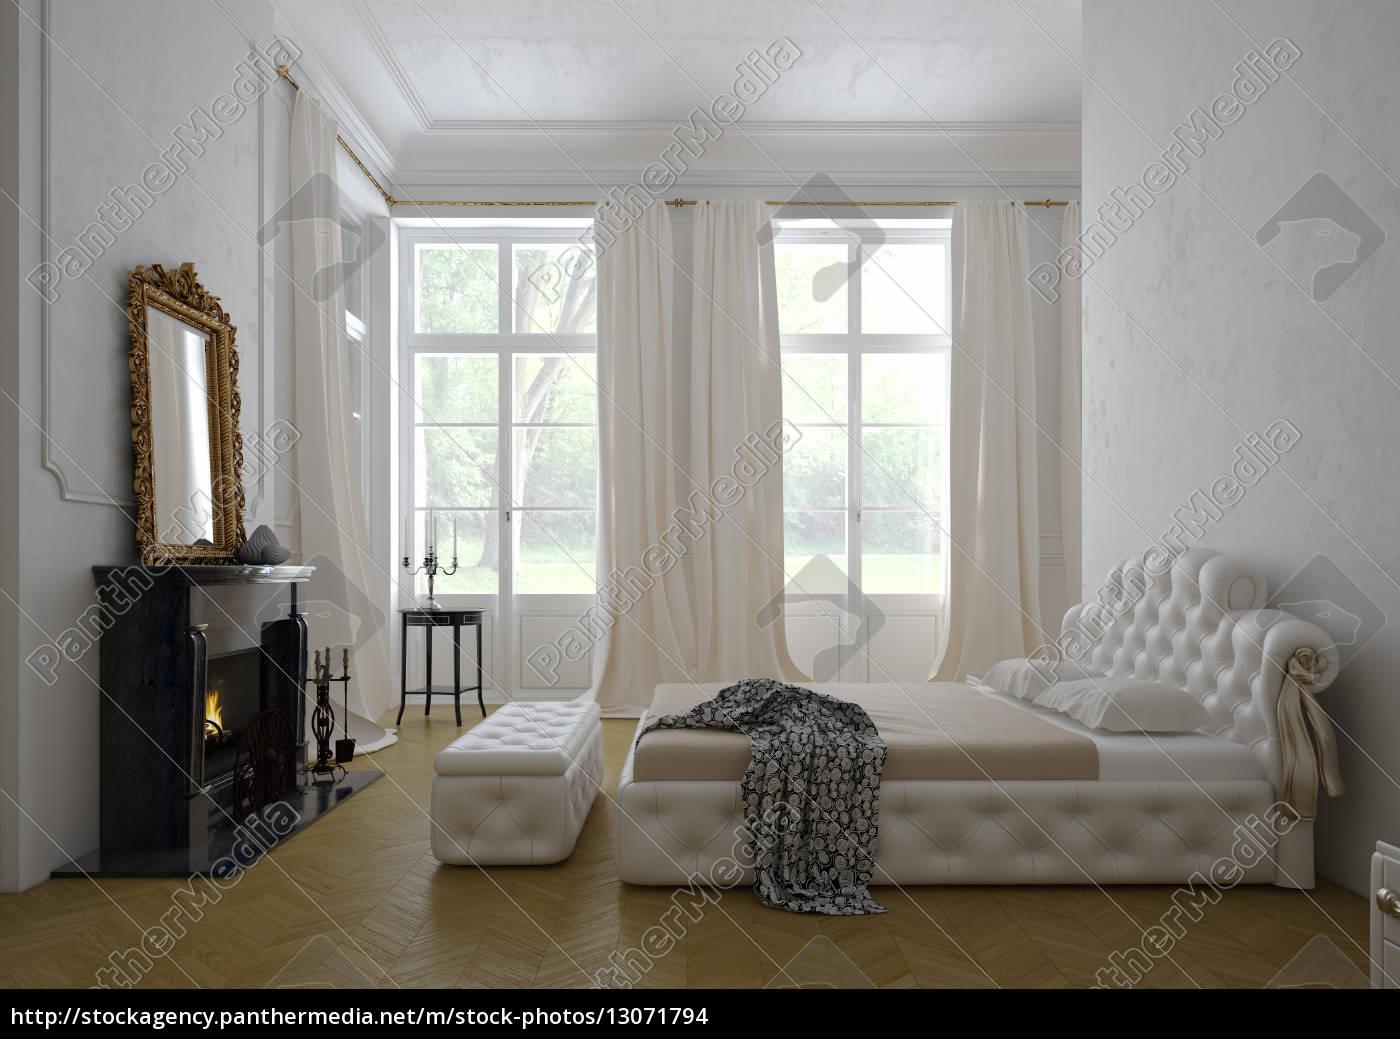 Moderne luxus schlafzimmer  modernen luxus-schlafzimmer interieur. 3d-rendering - Stock Photo ...